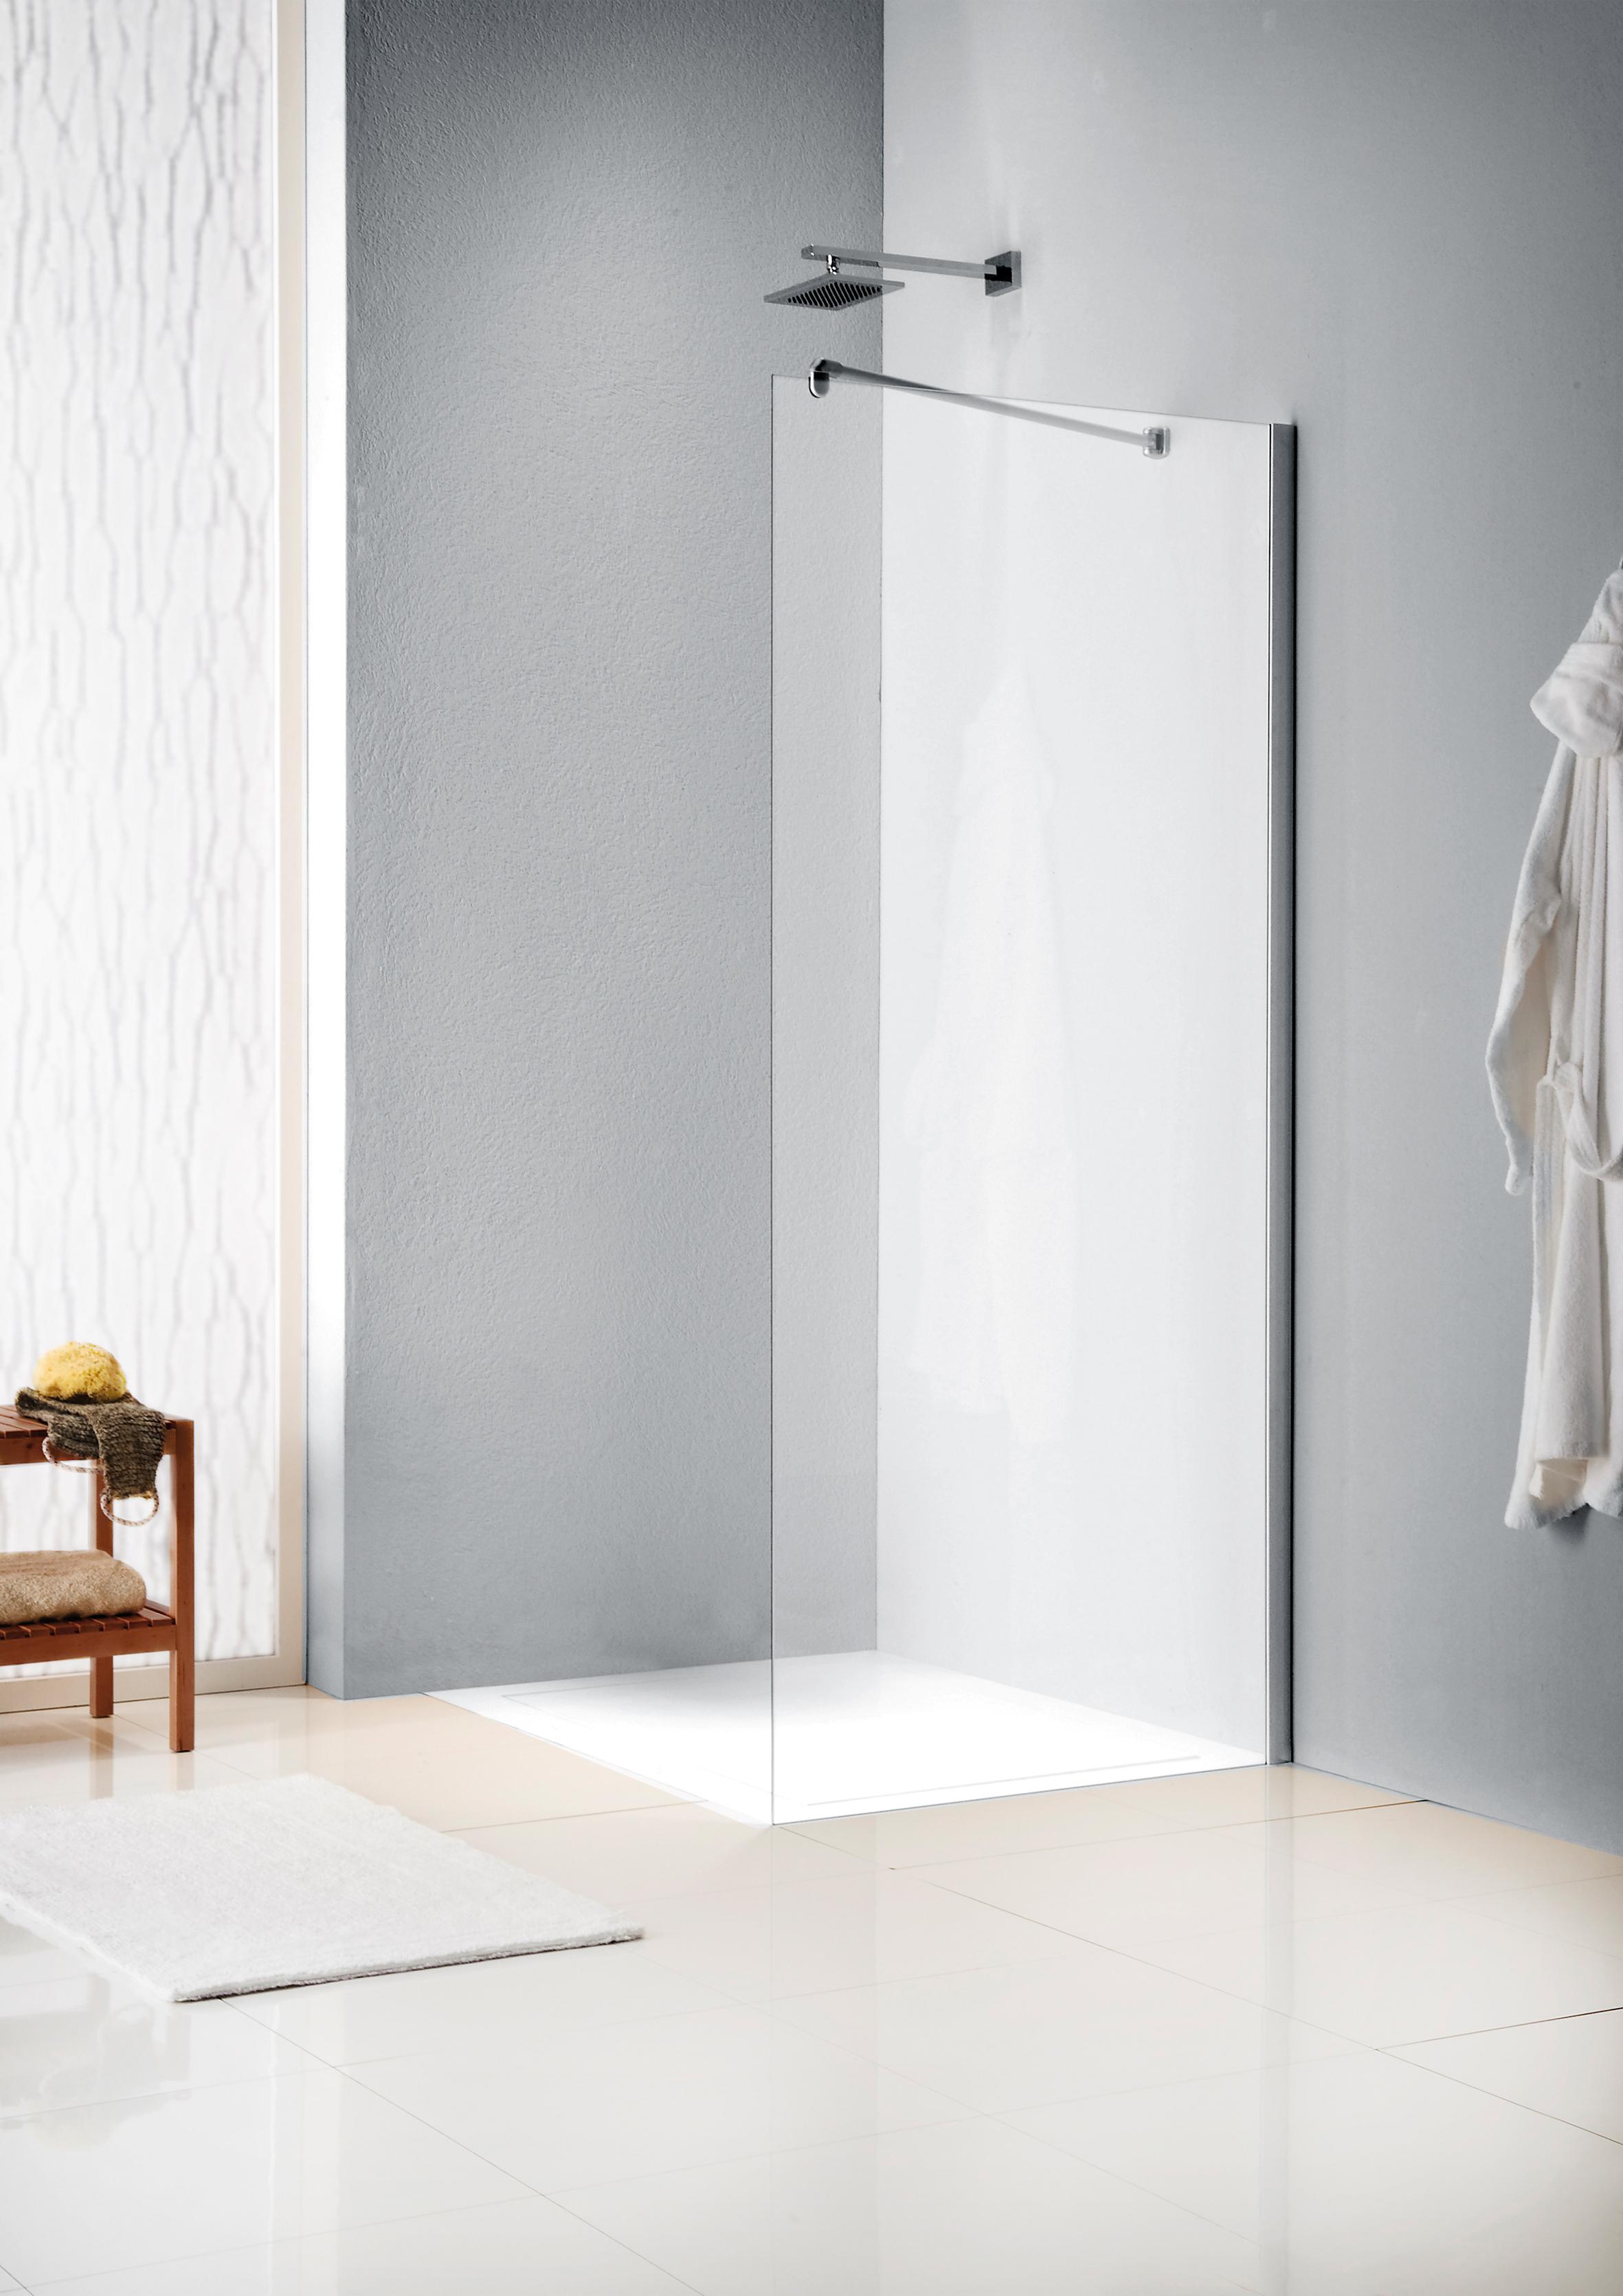 Sealskin Get Wet W205 inloopdouche 90x200cm mat zilver profiel en helder glas met gesatineerde band